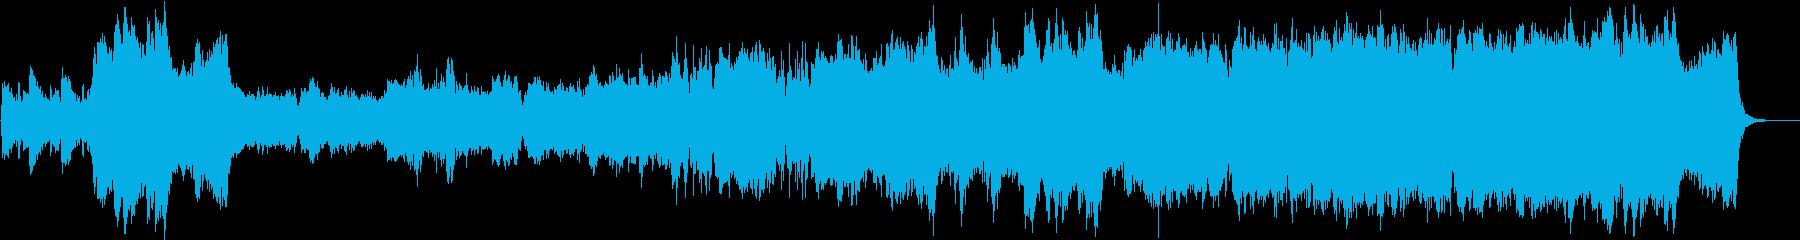 【TV向け】オリンピック的ファンファーレの再生済みの波形